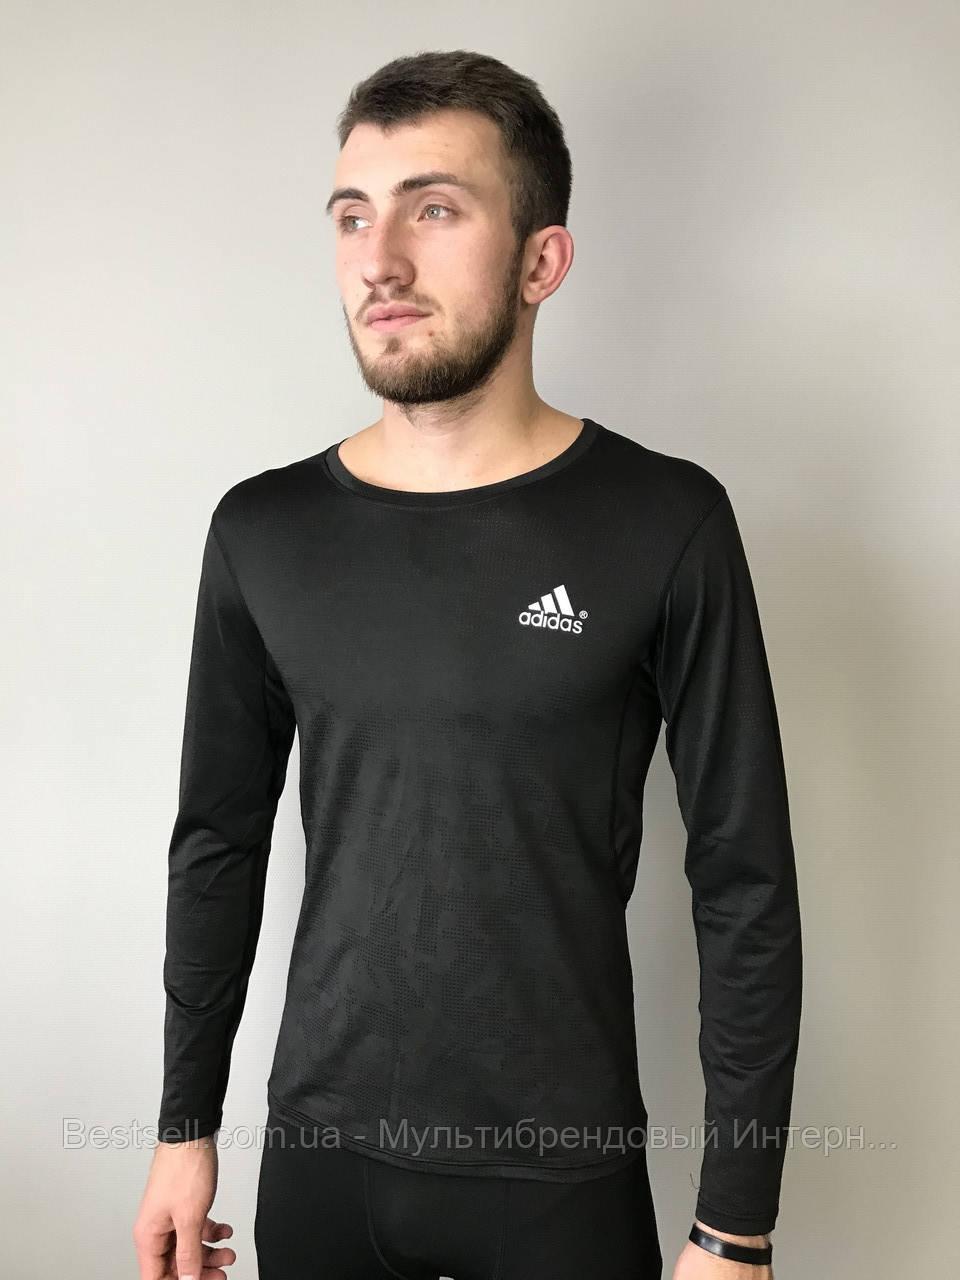 Кофта спортивна компресійна чоловіча Adidas Адідас (S,M, L,XL)